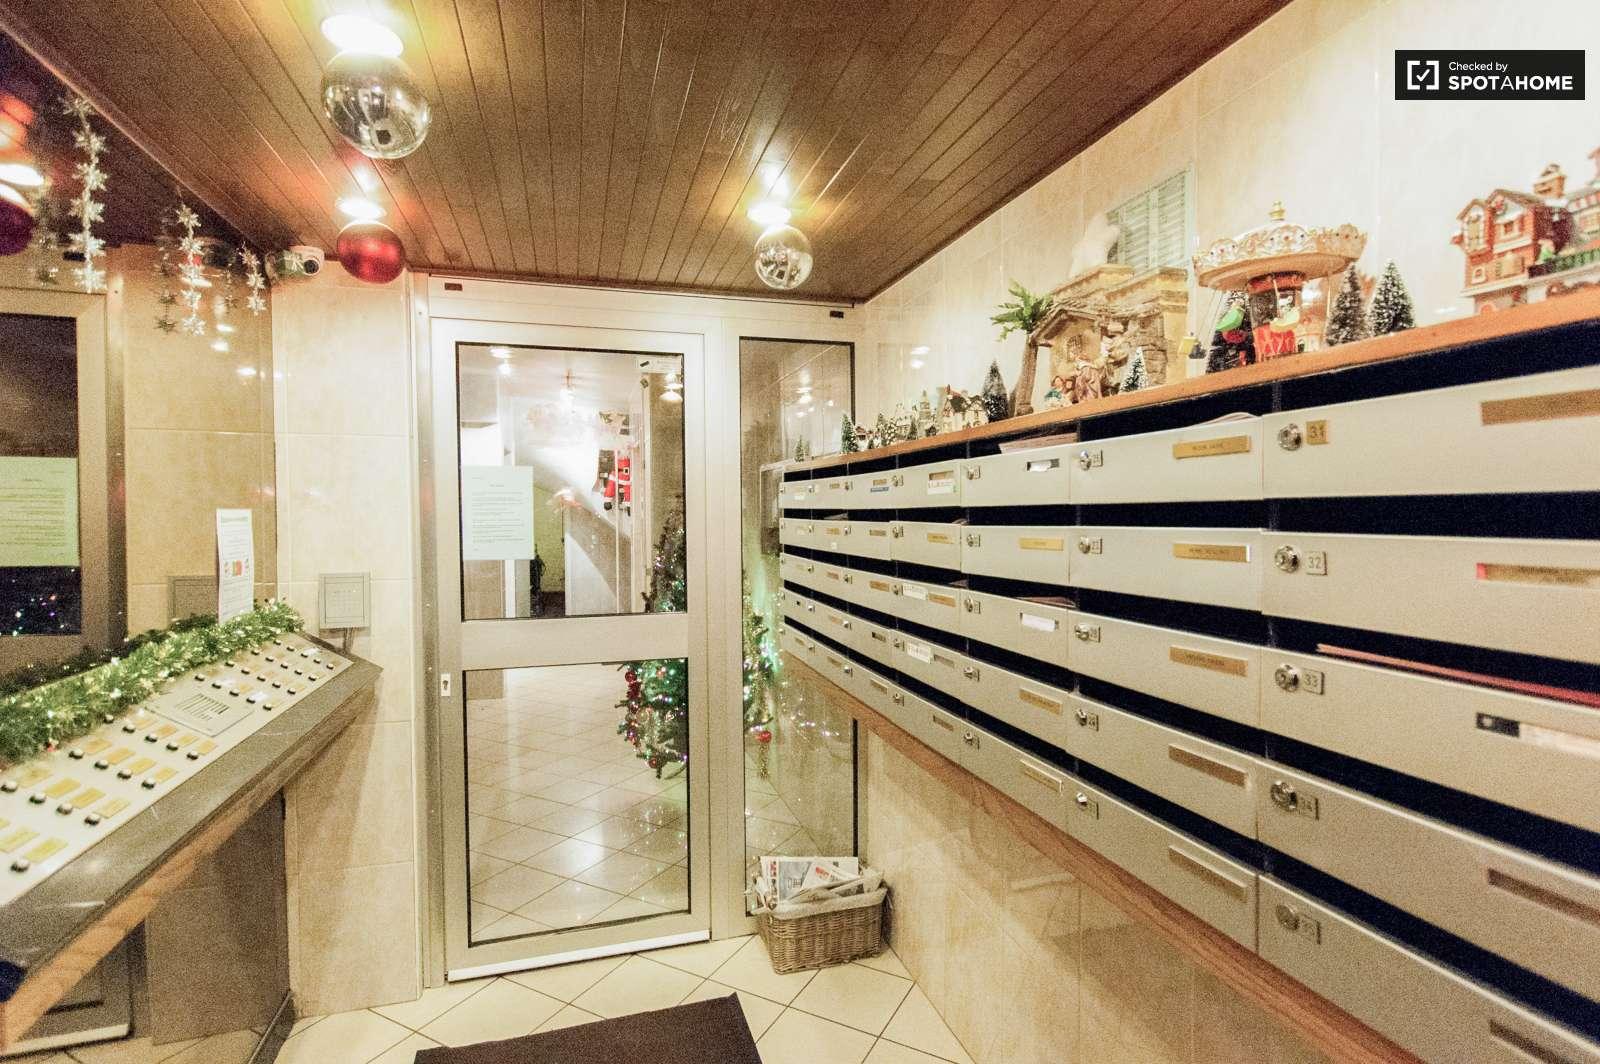 Grande chambre dans un appartement de 4 chambres jette for Chambre agriculture 13 cfe